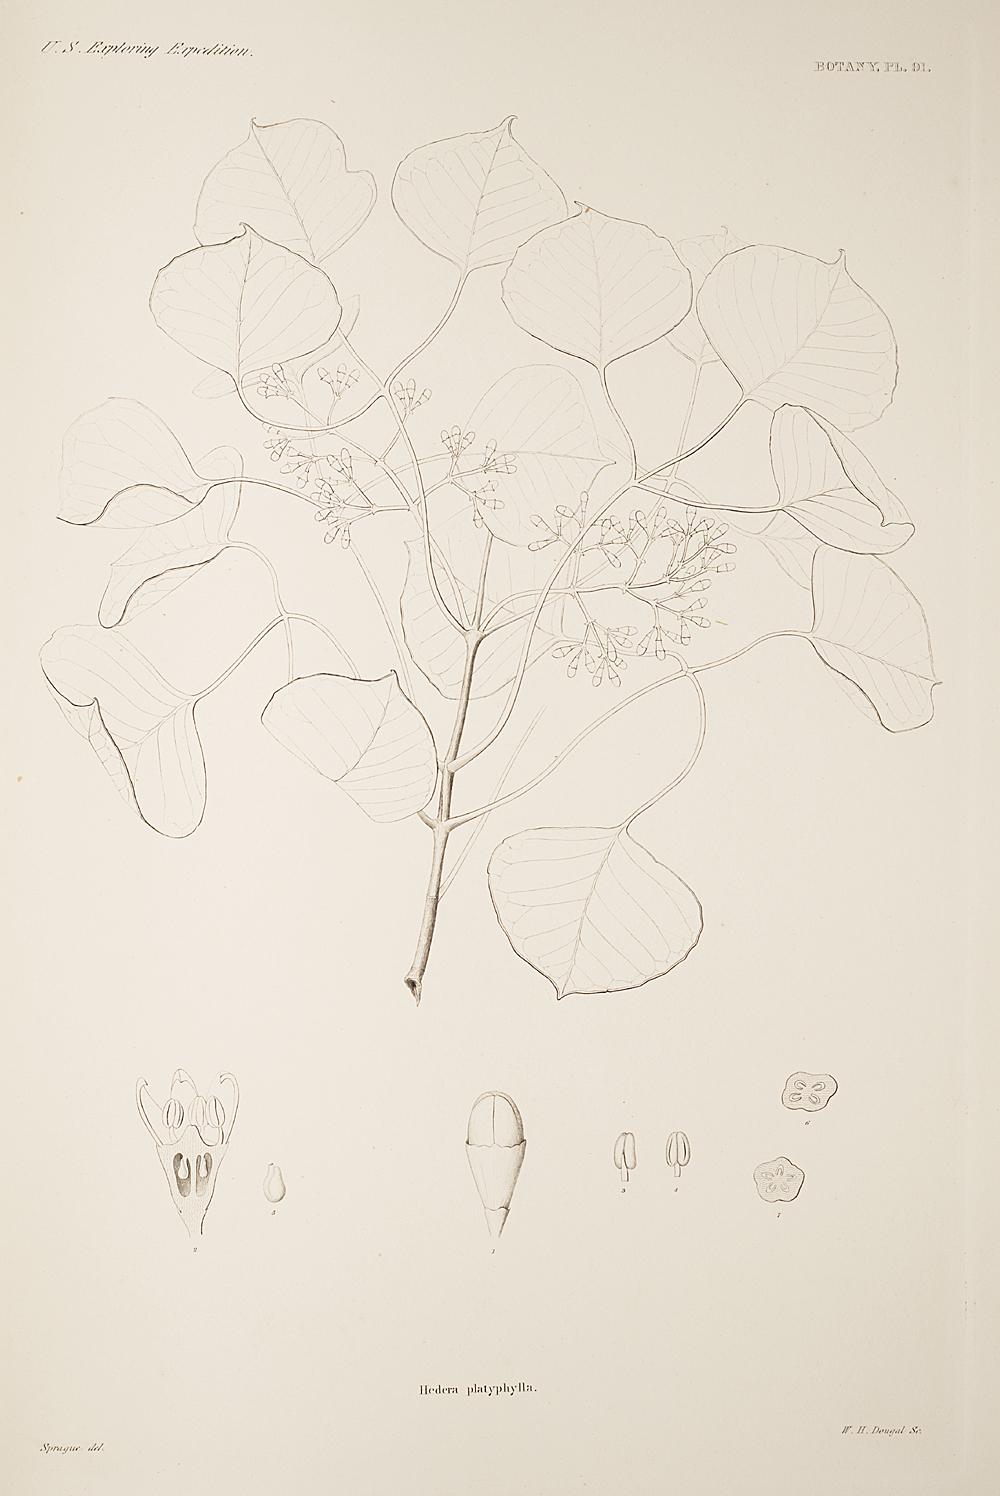 Botany, Pl. 91,  Image number:sil19-23-193b